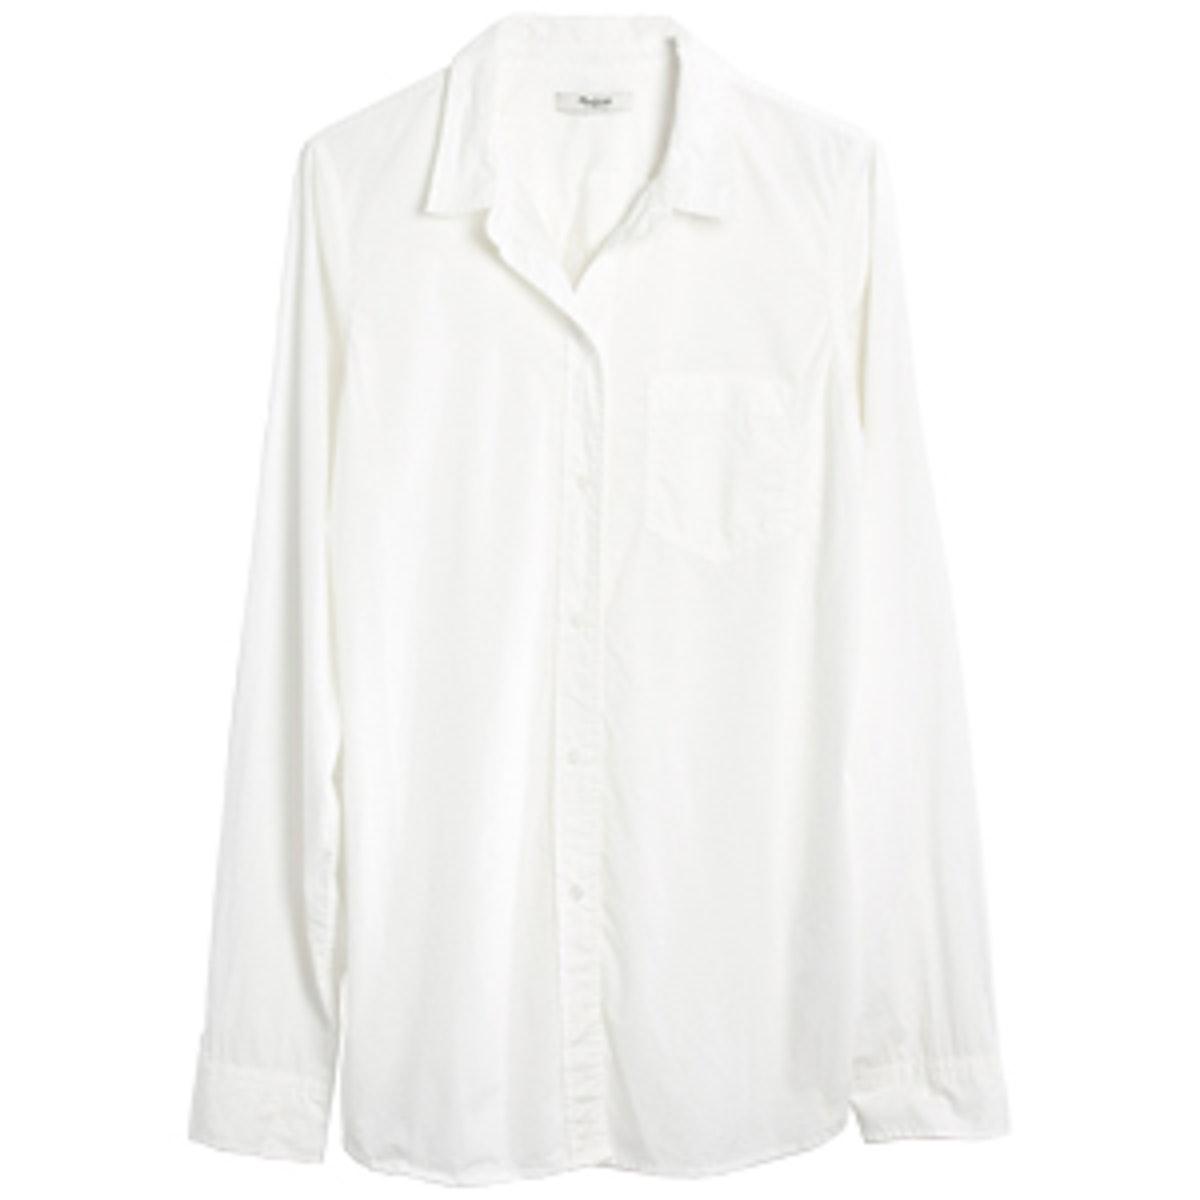 Slimboy Shirt in Pure White